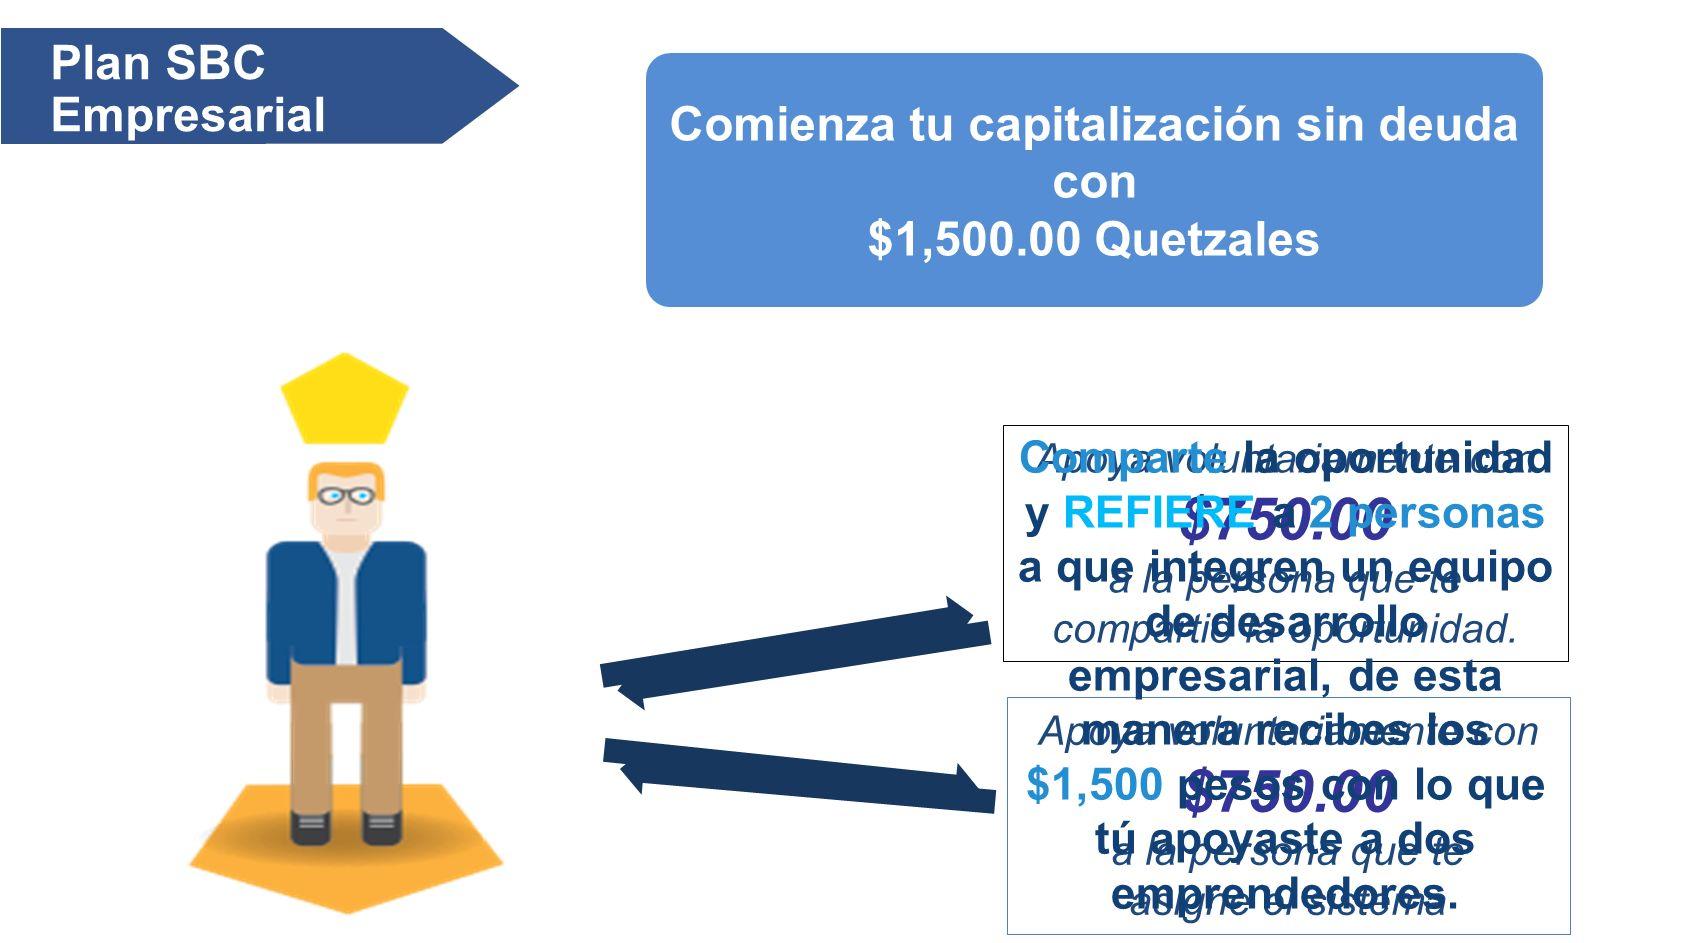 Plan SBC Empresarial Comienza tu capitalización sin deuda con $1,500.00 Quetzales Apoya voluntariamente con $750.00 a la persona que te compartió la oportunidad.